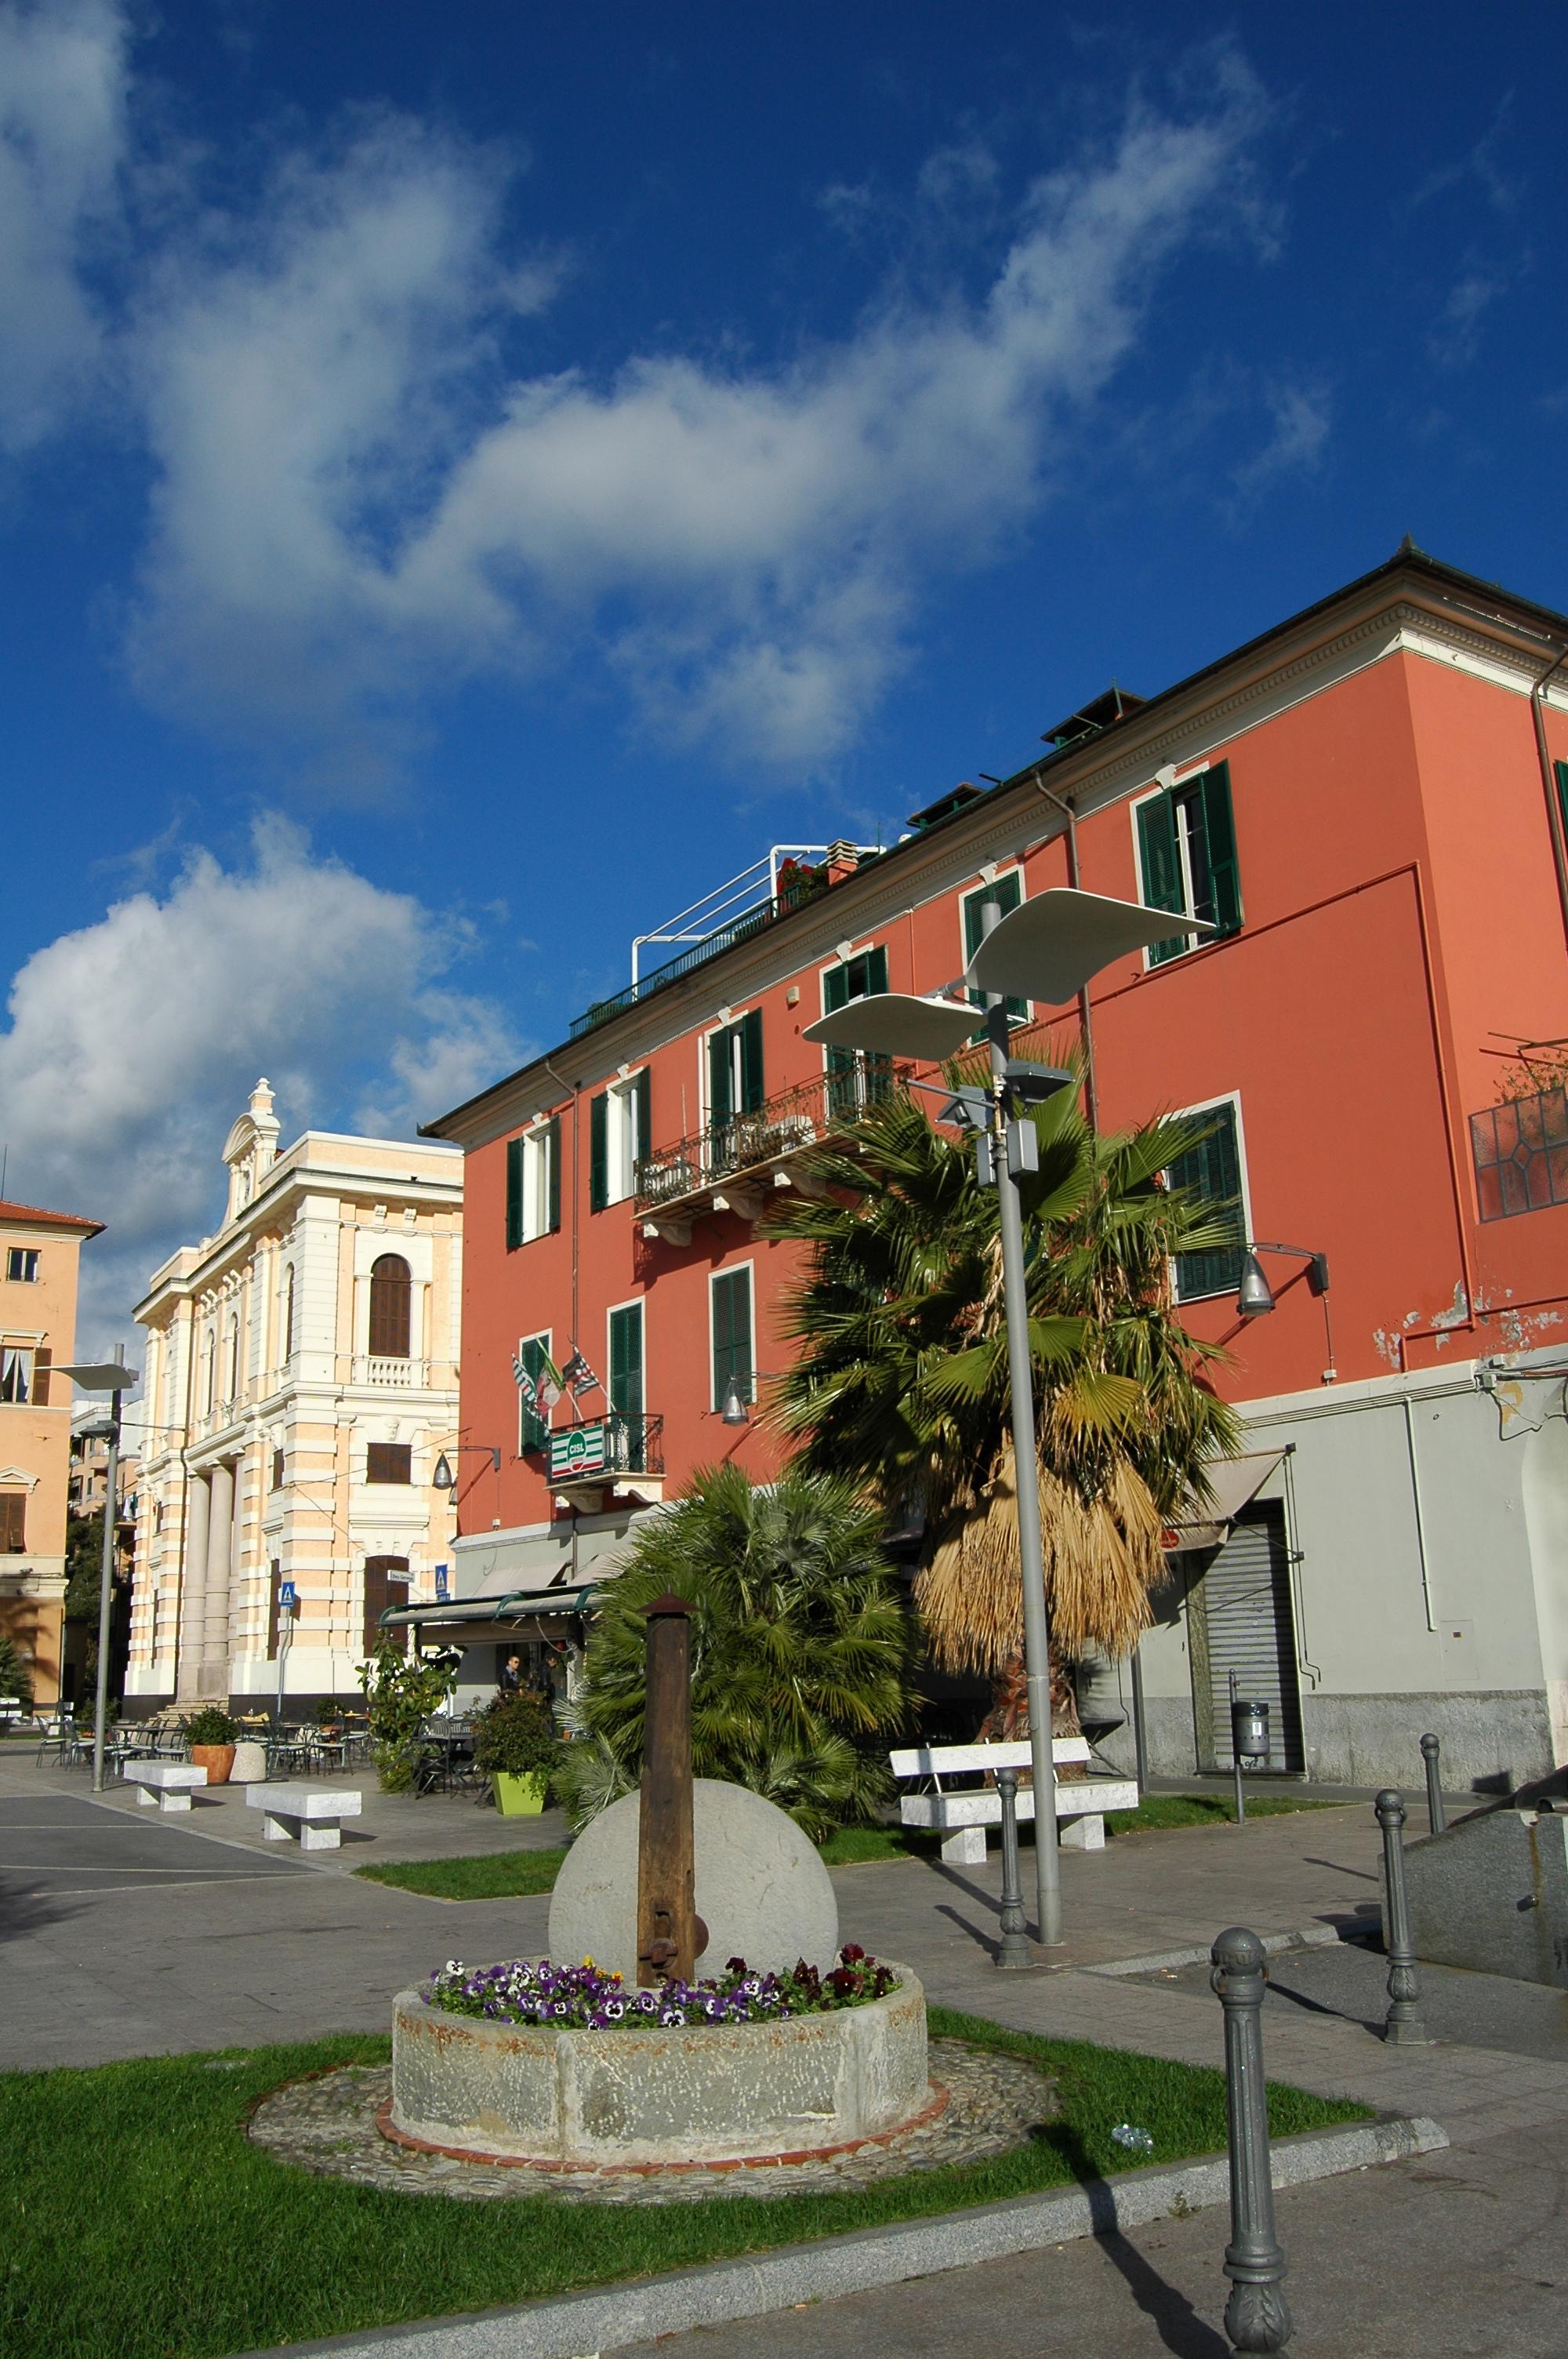 Imperia oneglia piazza de amicis condamina for Oneglia imperia